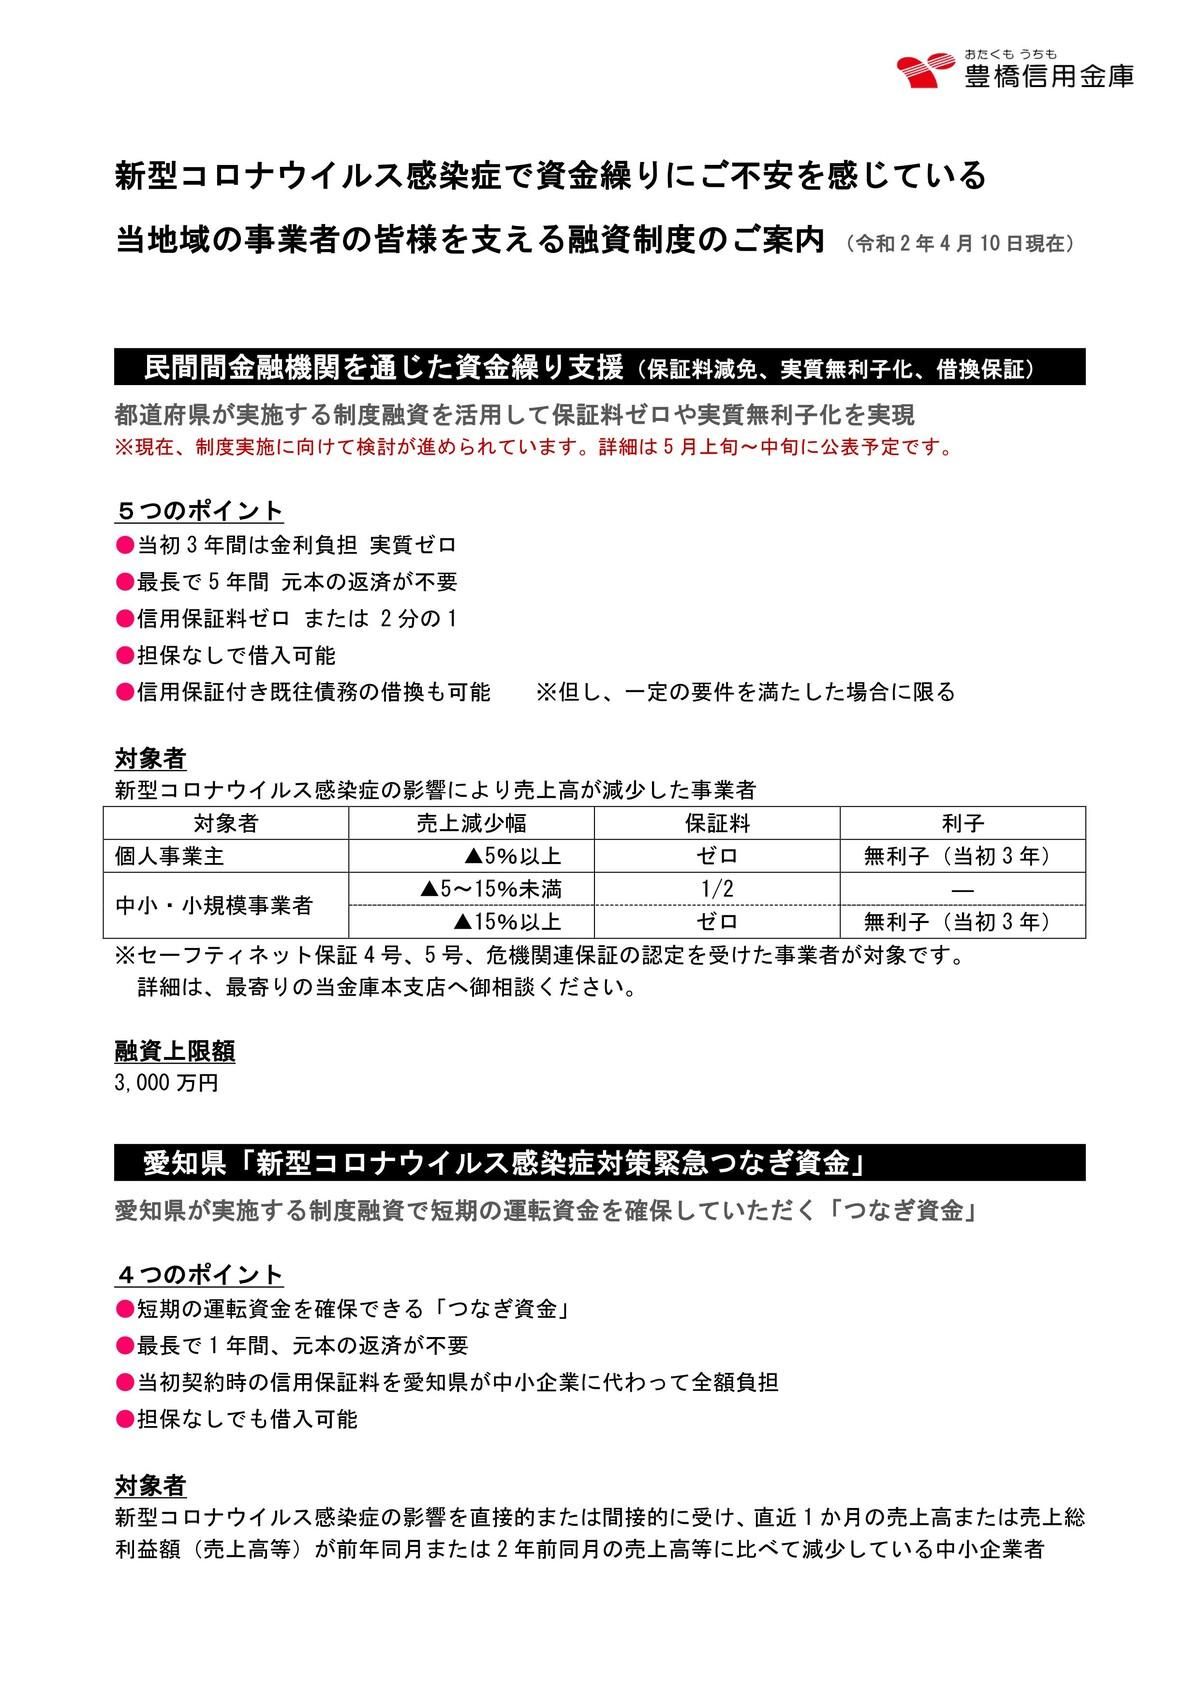 200417_shien200410_01